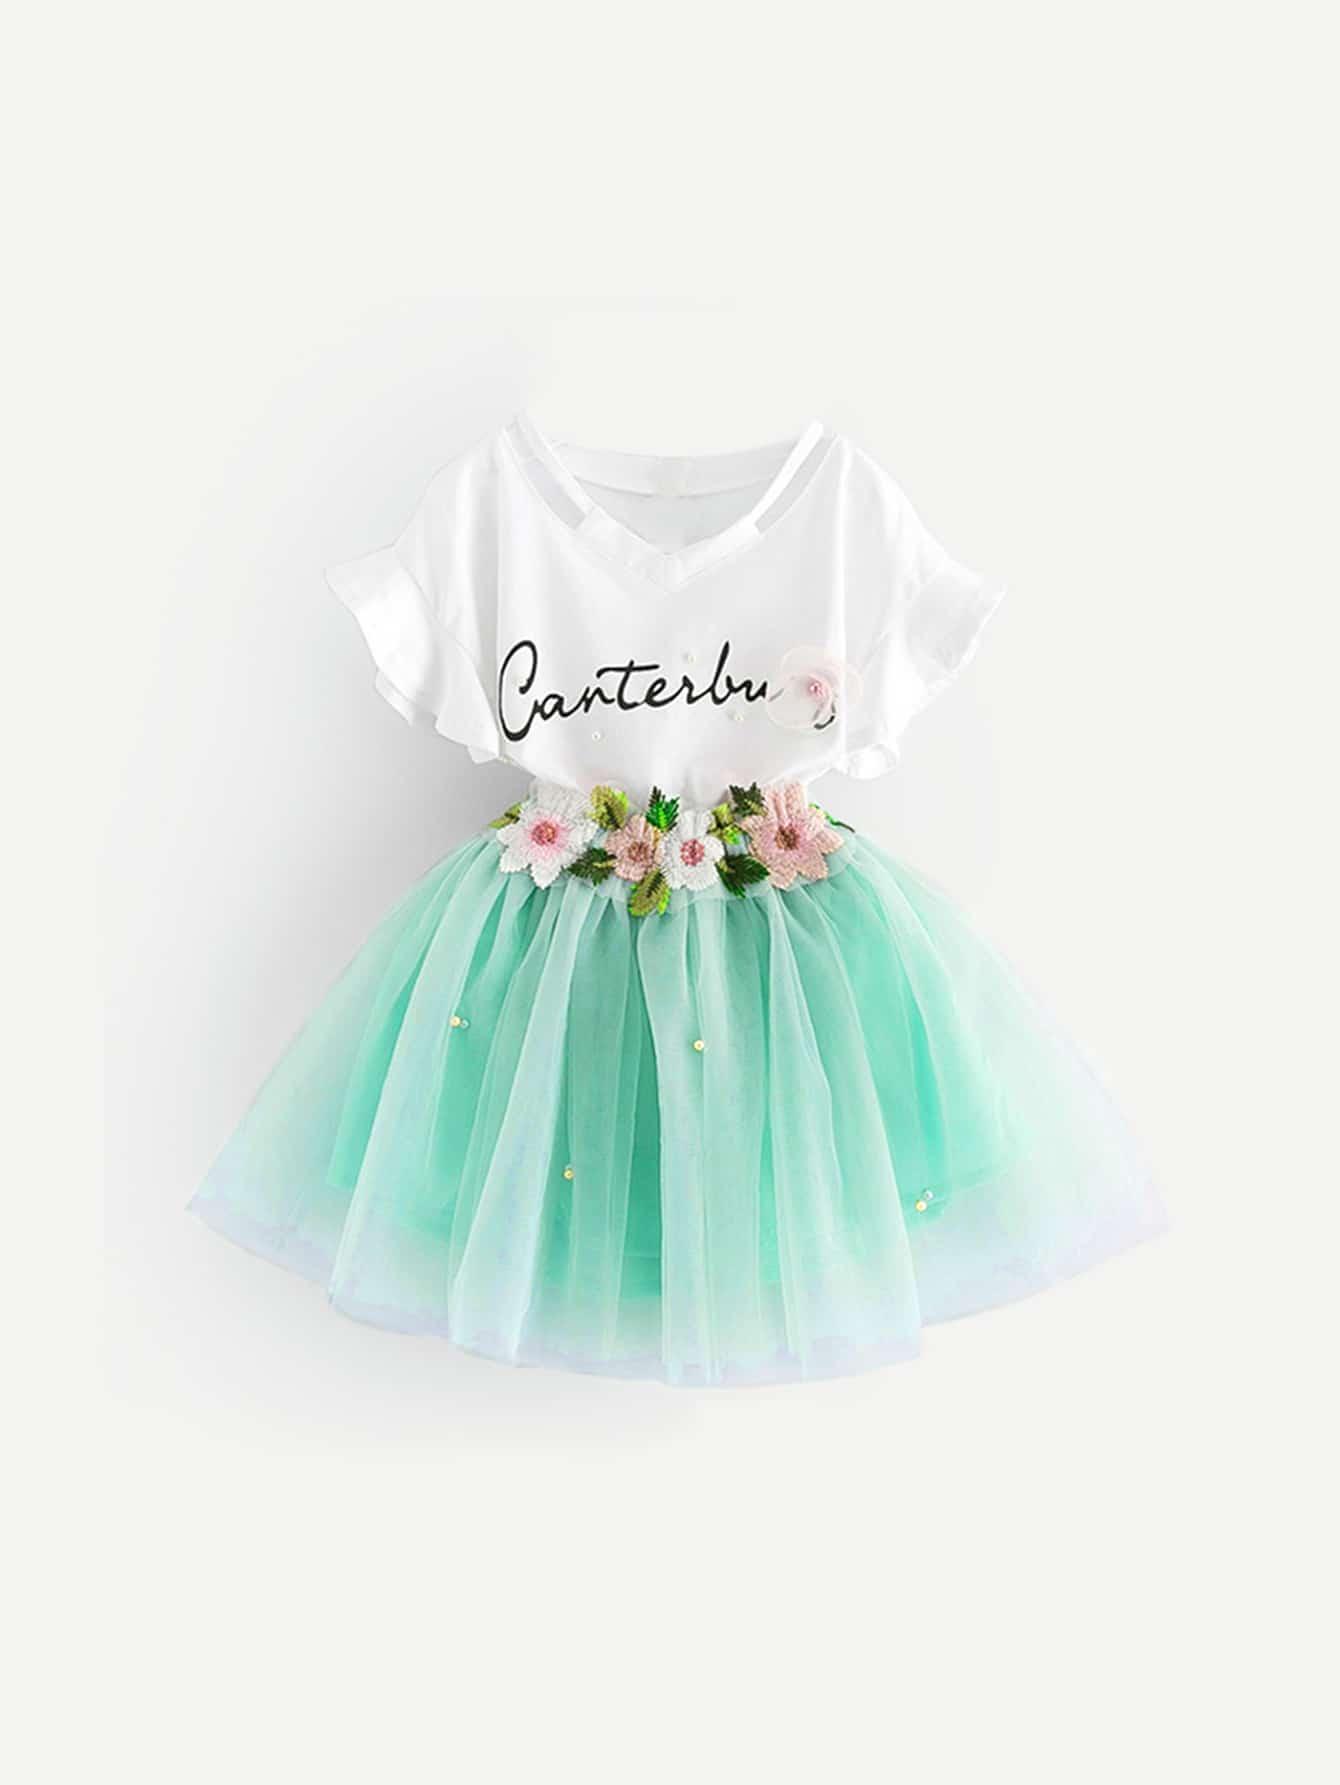 Купить Текст Жемчужина Многоцветный Комплекты одежды для девочек из 2 вещей, null, SheIn